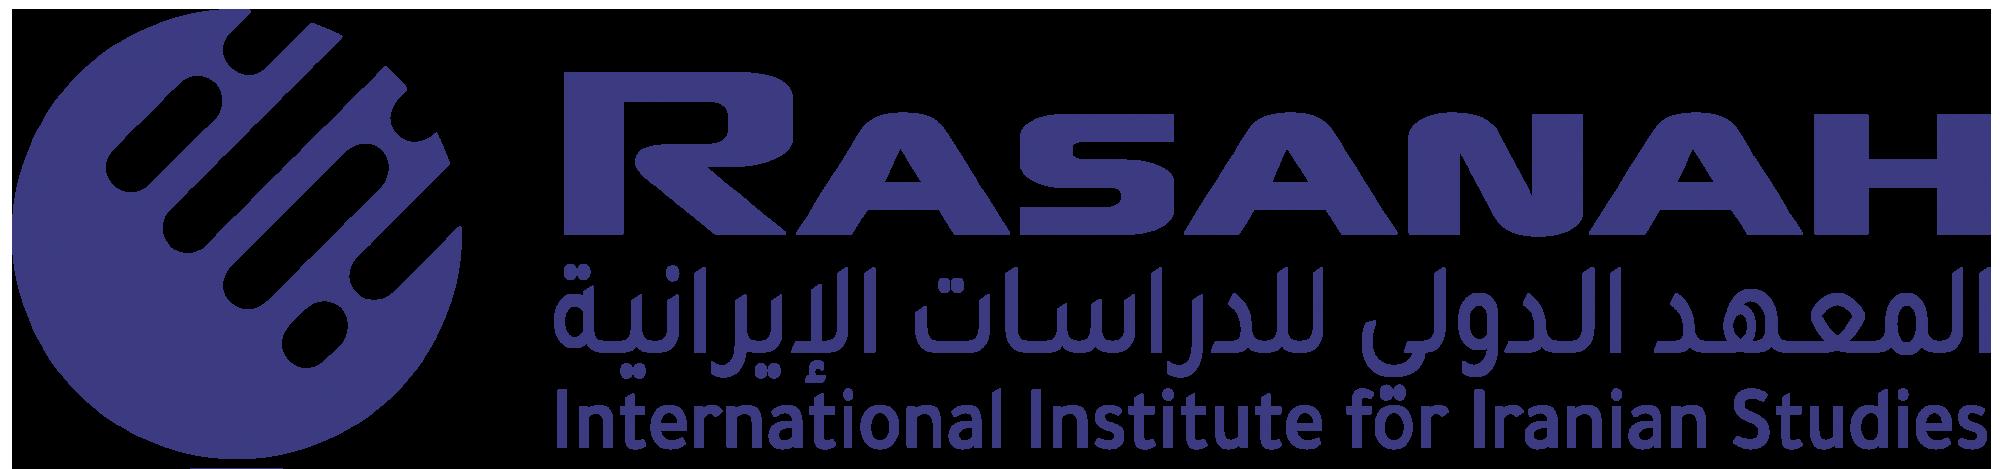 مركز پژوهش های ایرانی خلیج عربی